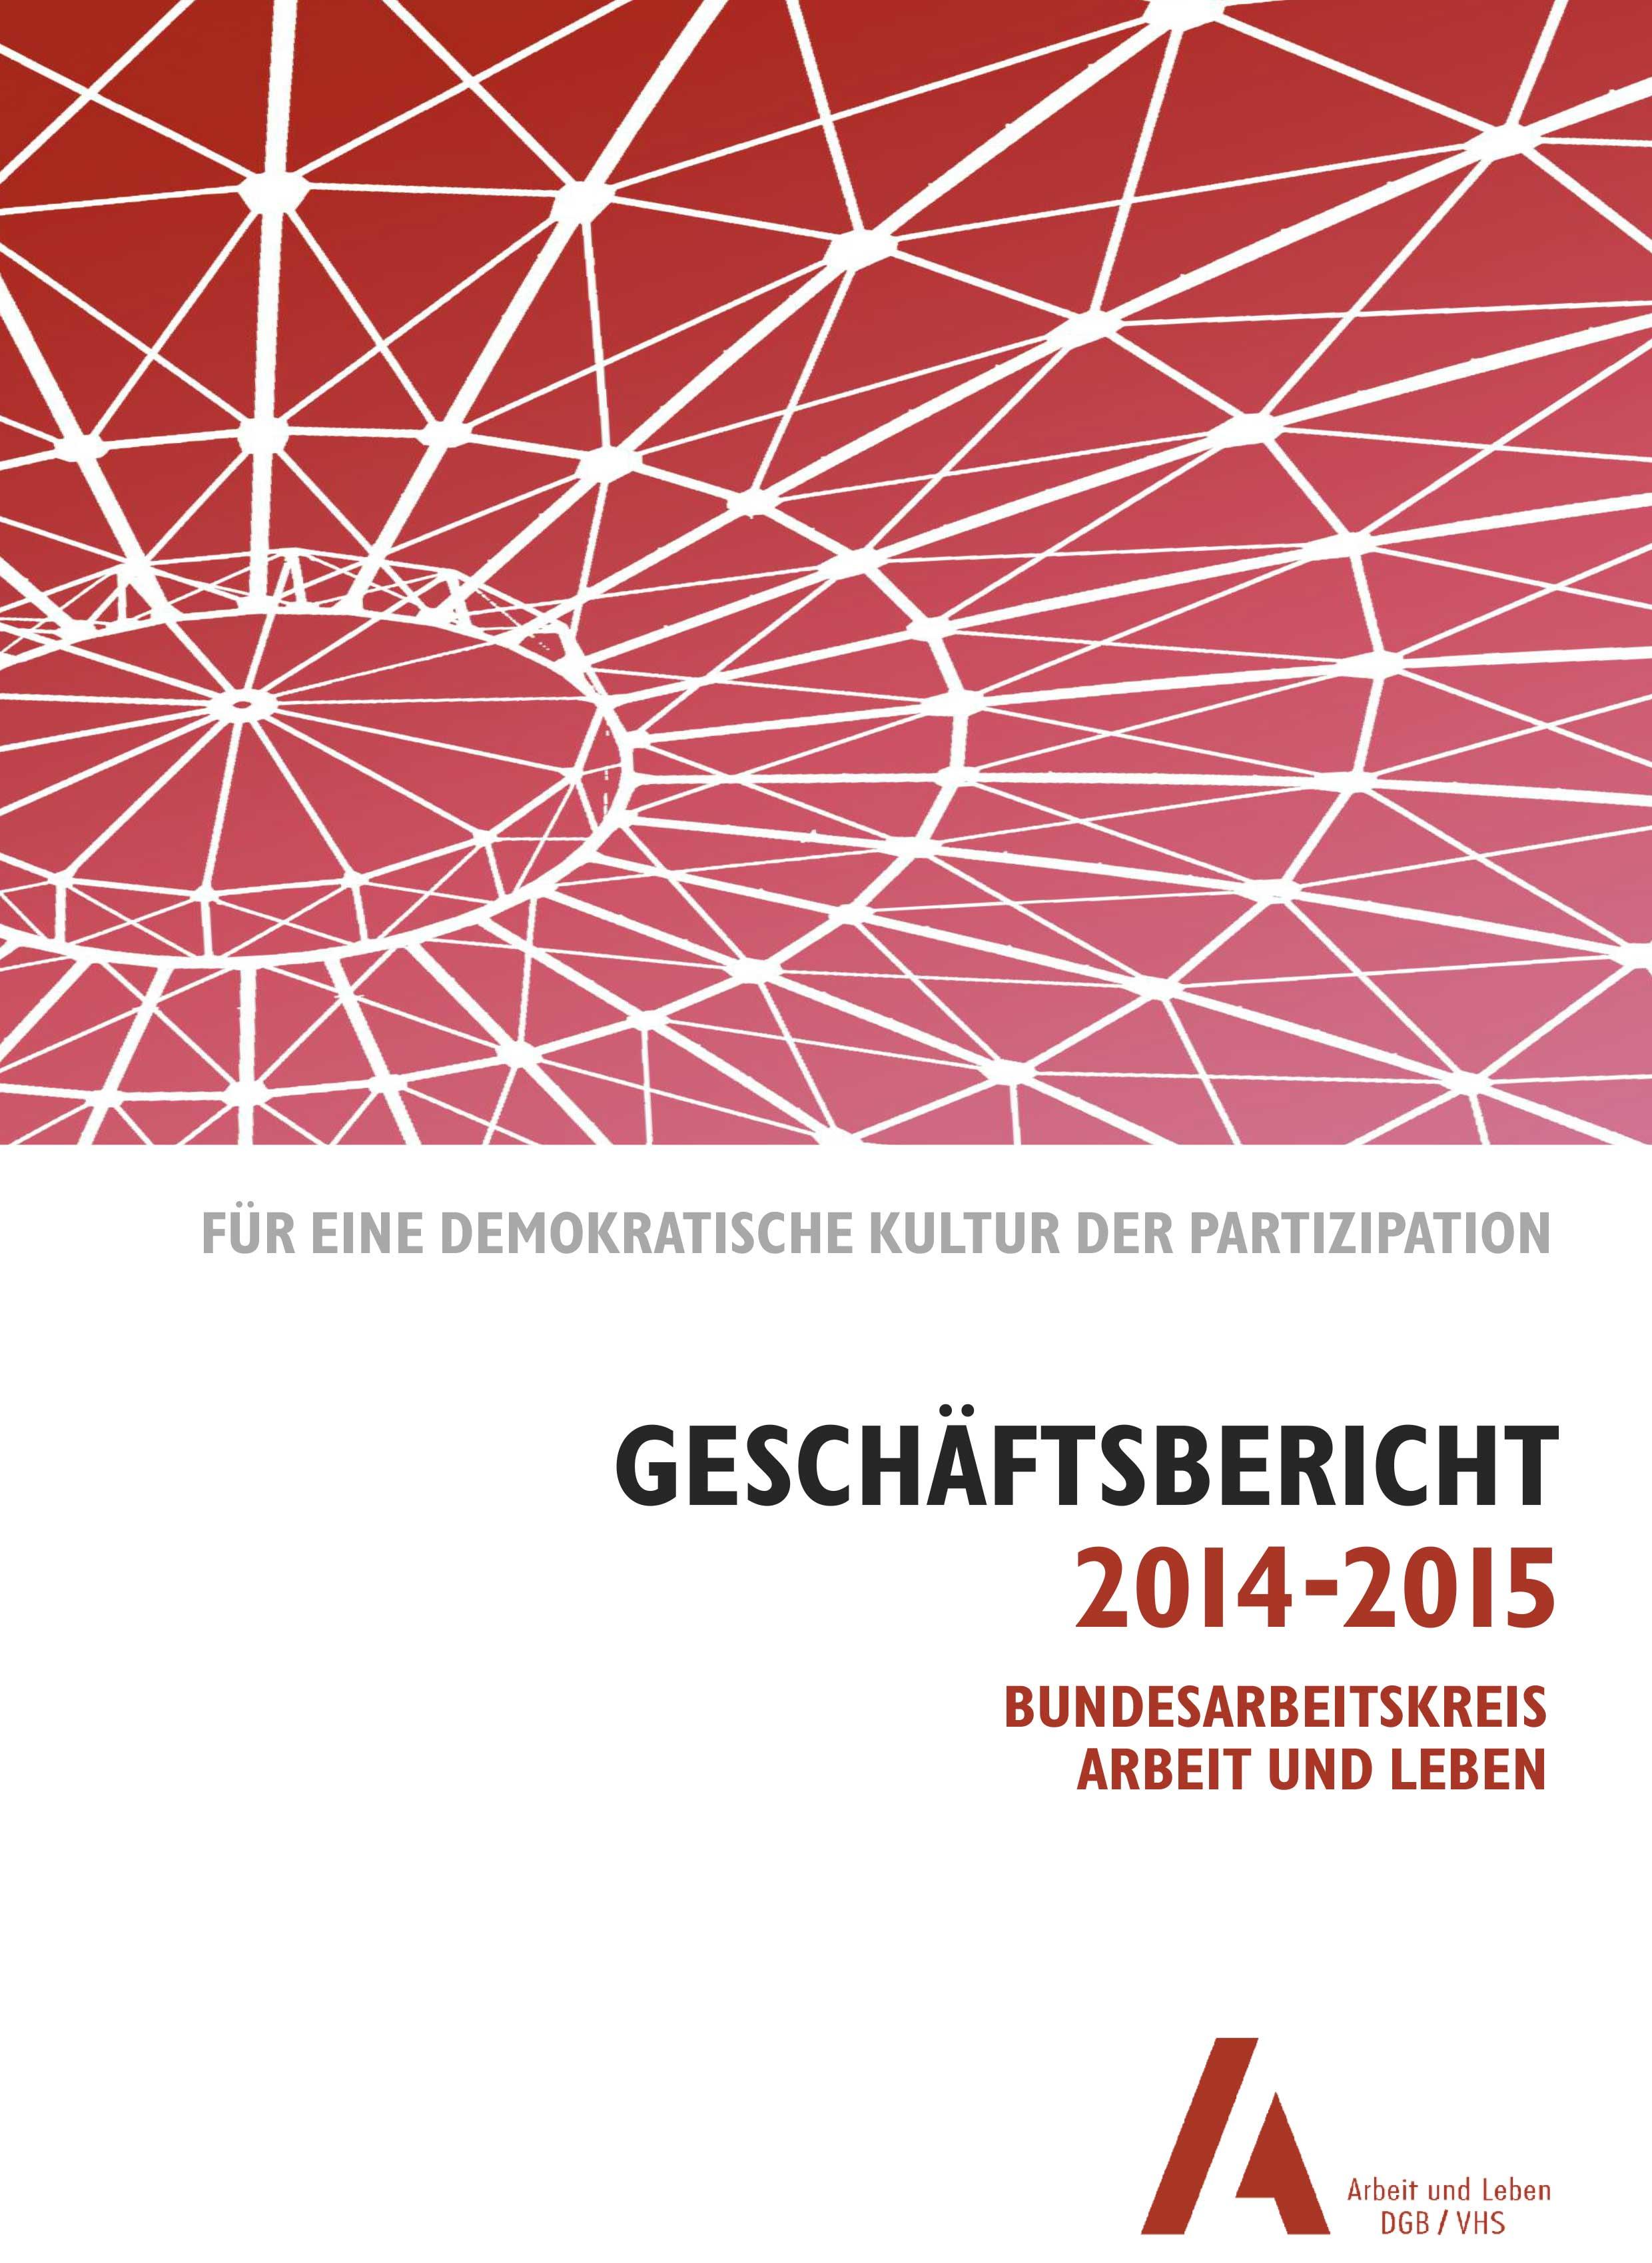 Geschäftsbericht 2014-2015